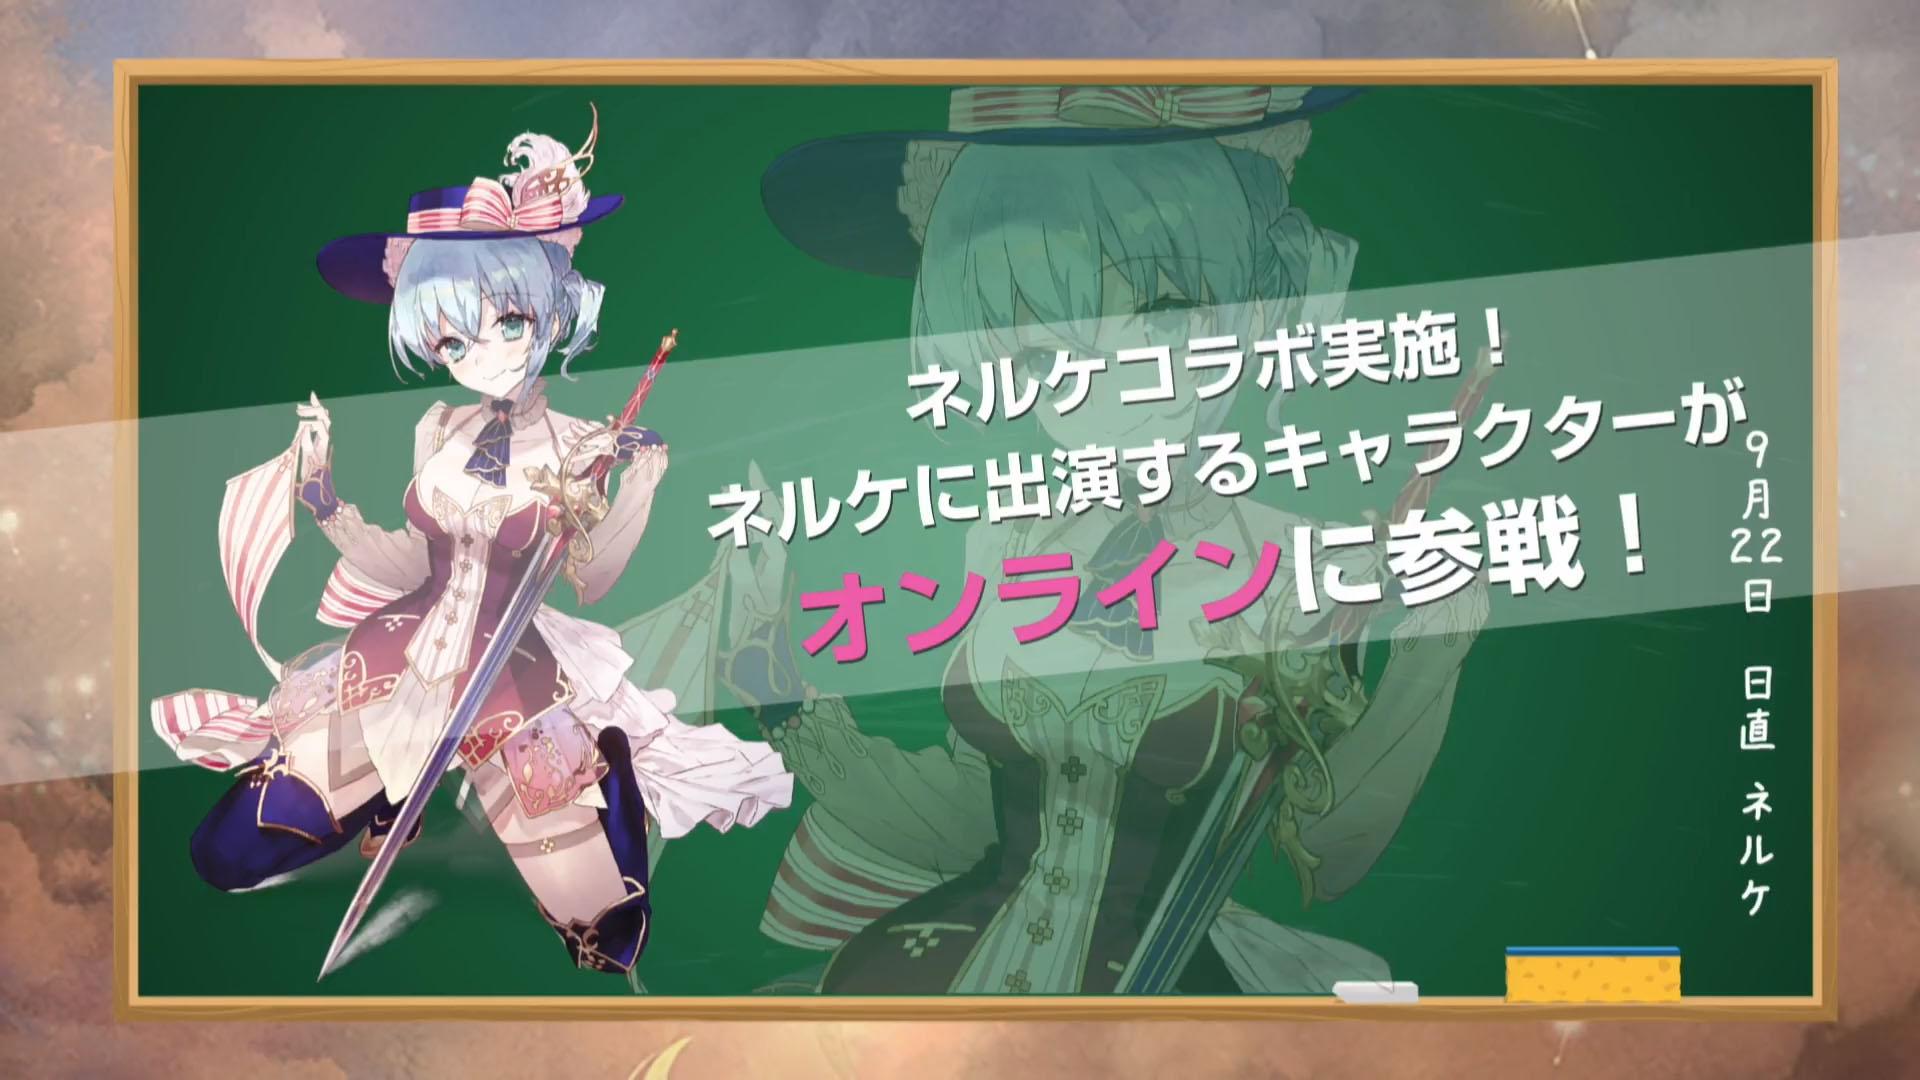 Personagens de Nelke & the Legendary Alchemists aparecerão em Atelier Online